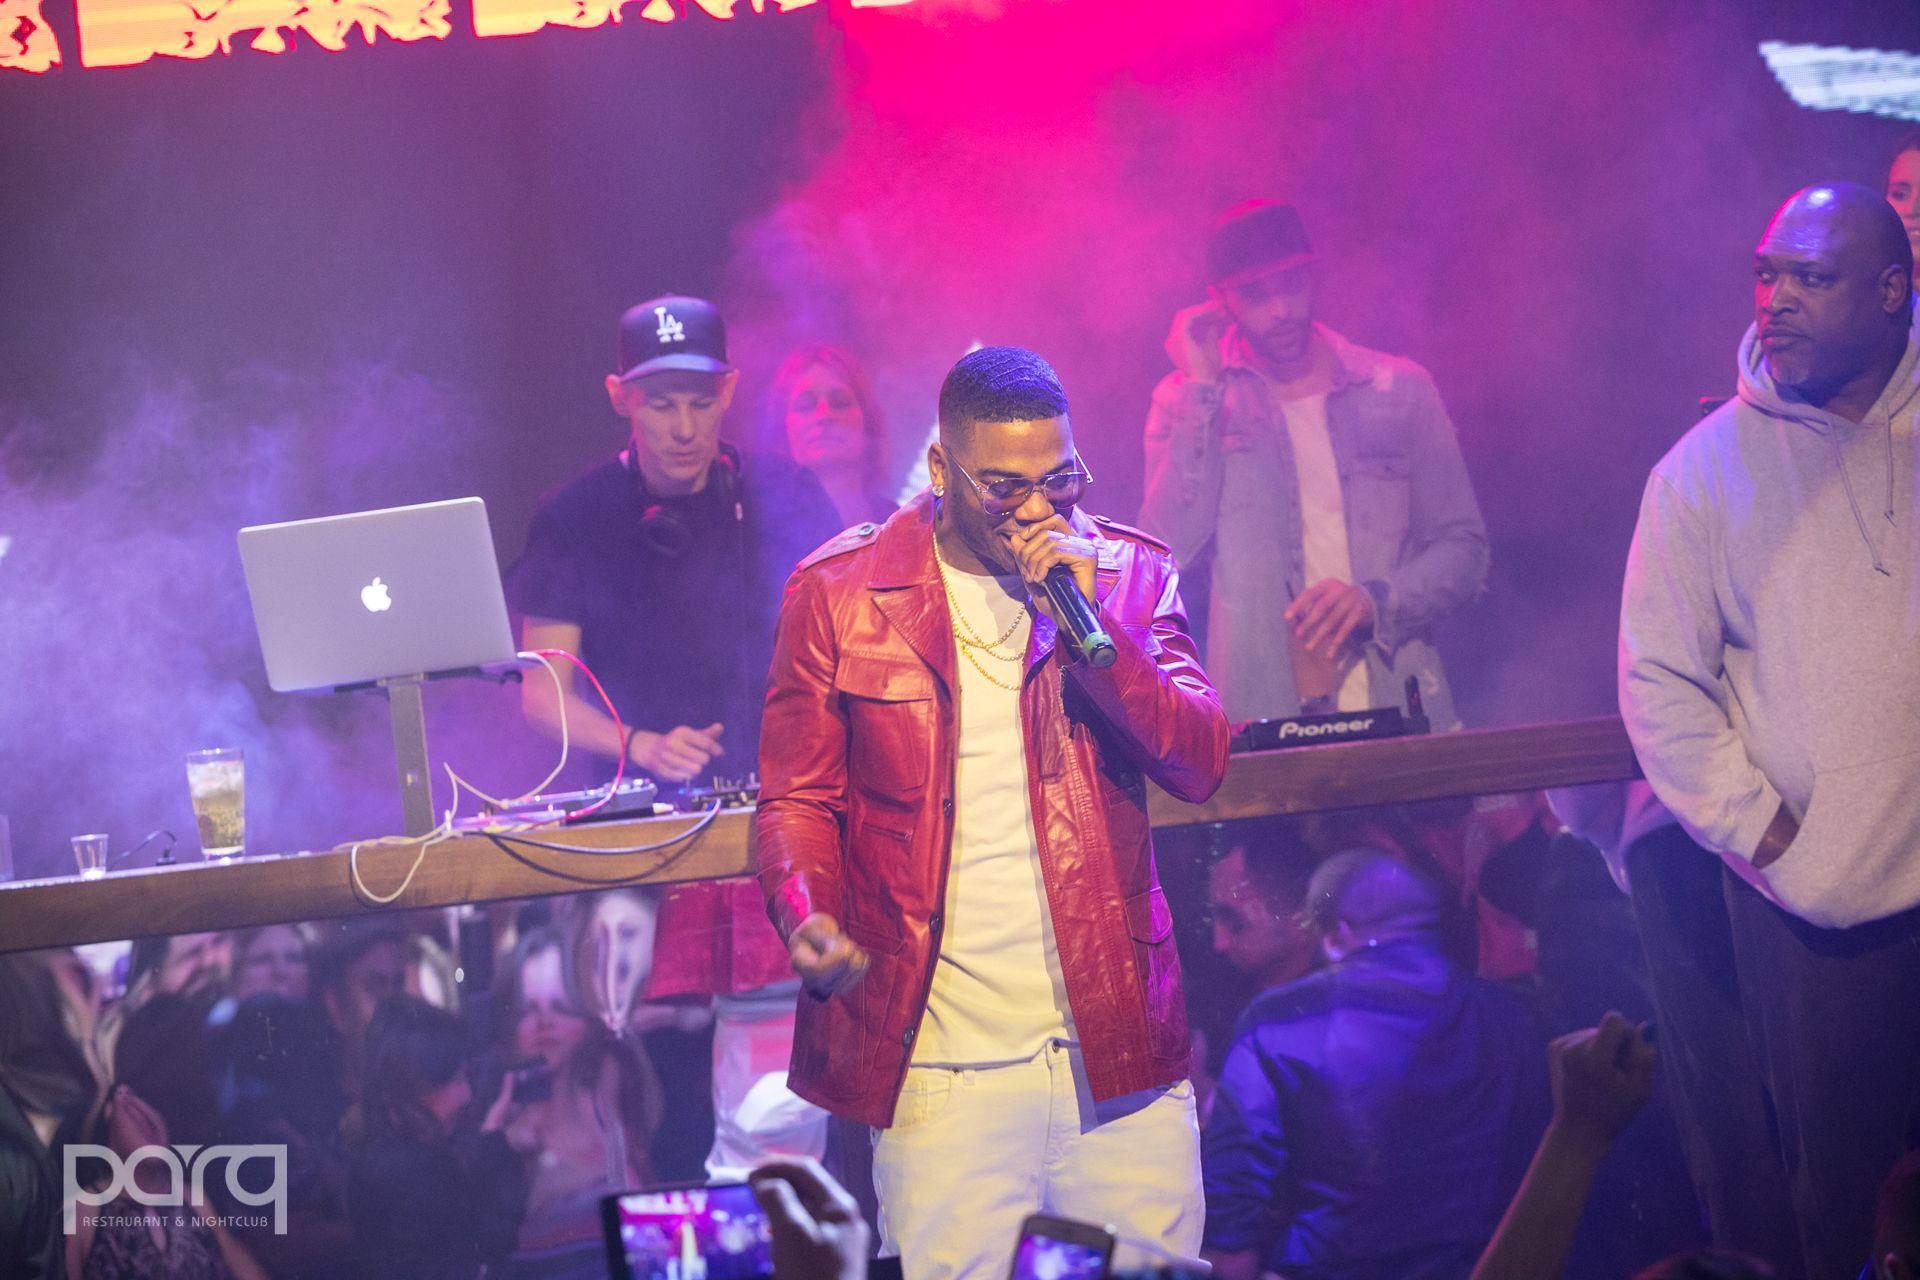 02.24.18 Parq - Nelly-7.jpg